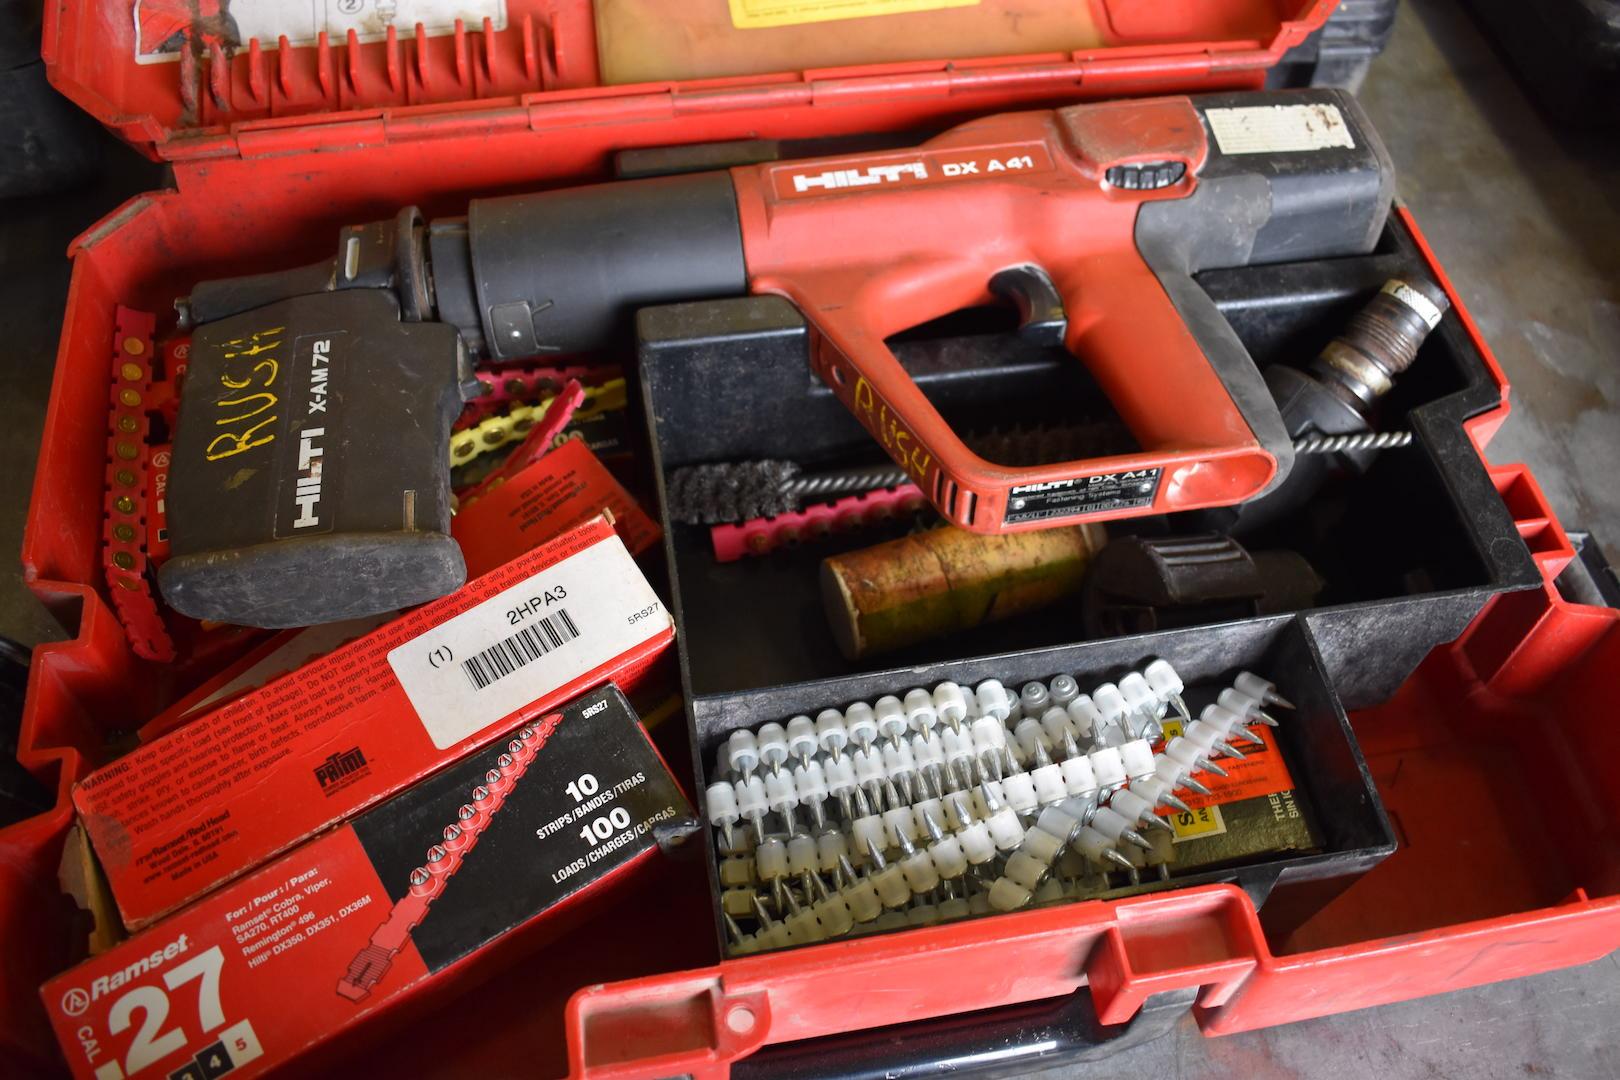 Lot 13 - Hilti Model DX A41 Powder Actuated Nailer & Stud Gun